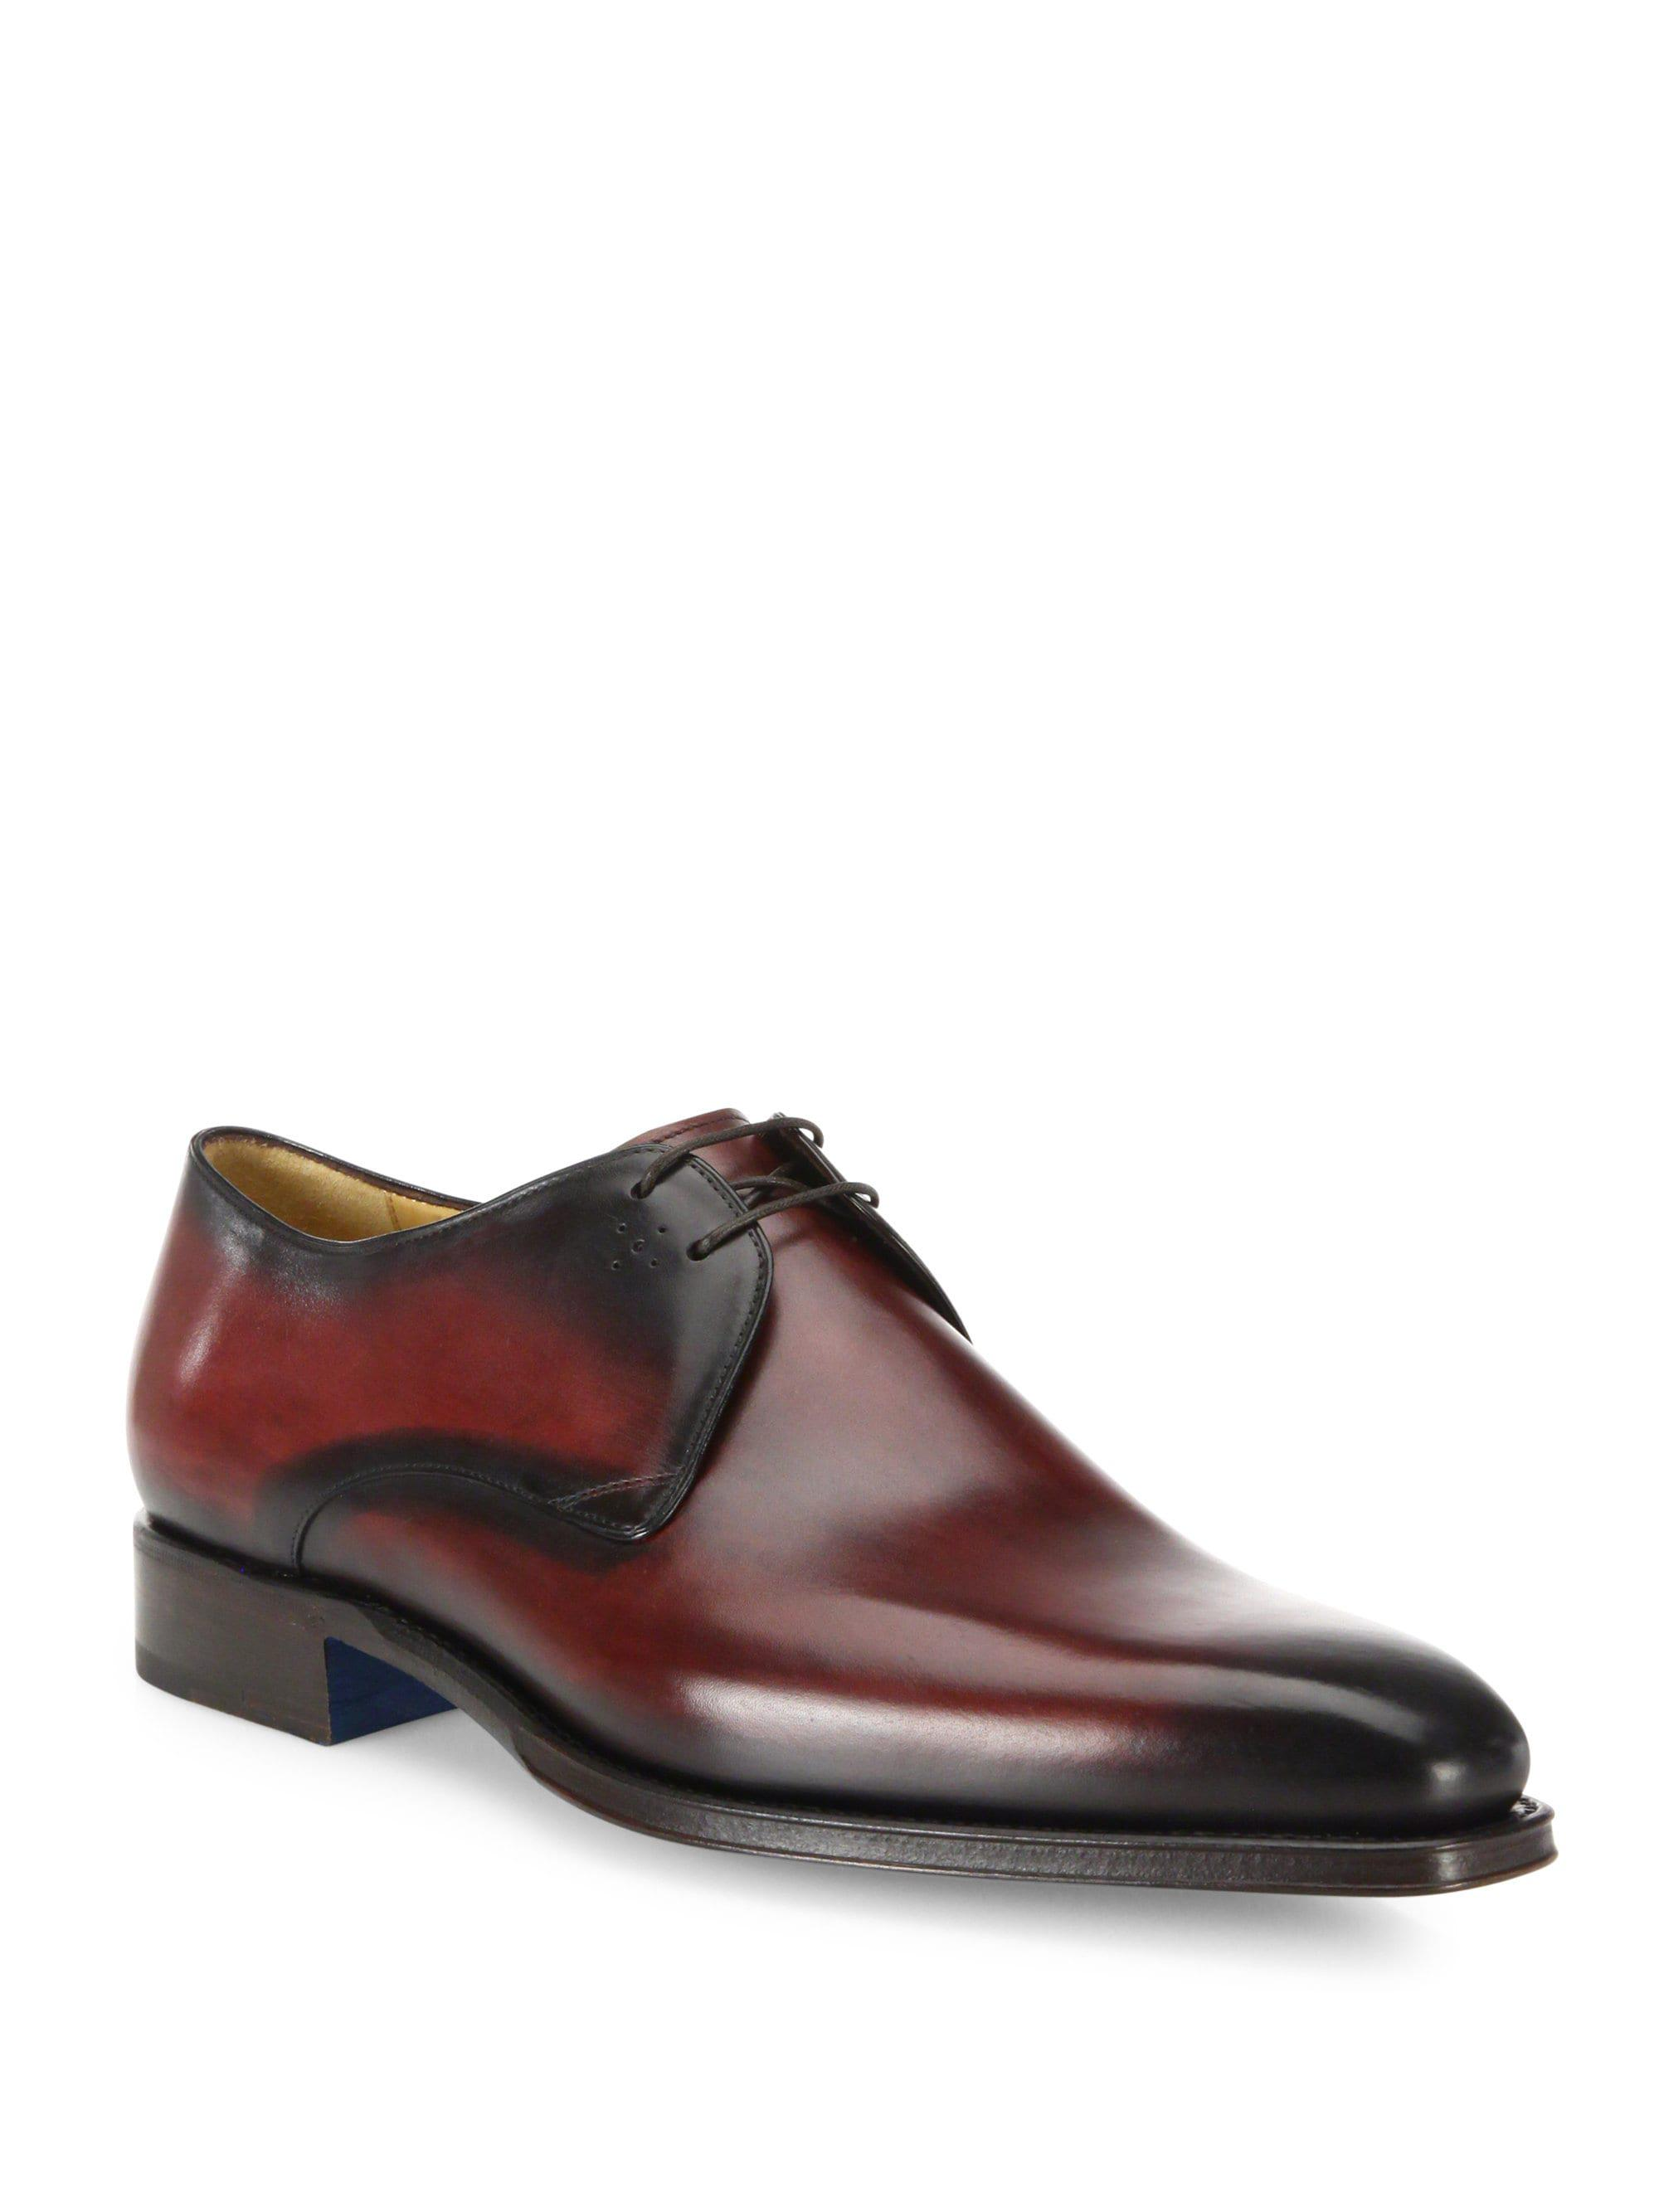 SUTOR MANTELLASSI Oscar Plain Der Leather Derby Shoes VzkeZc